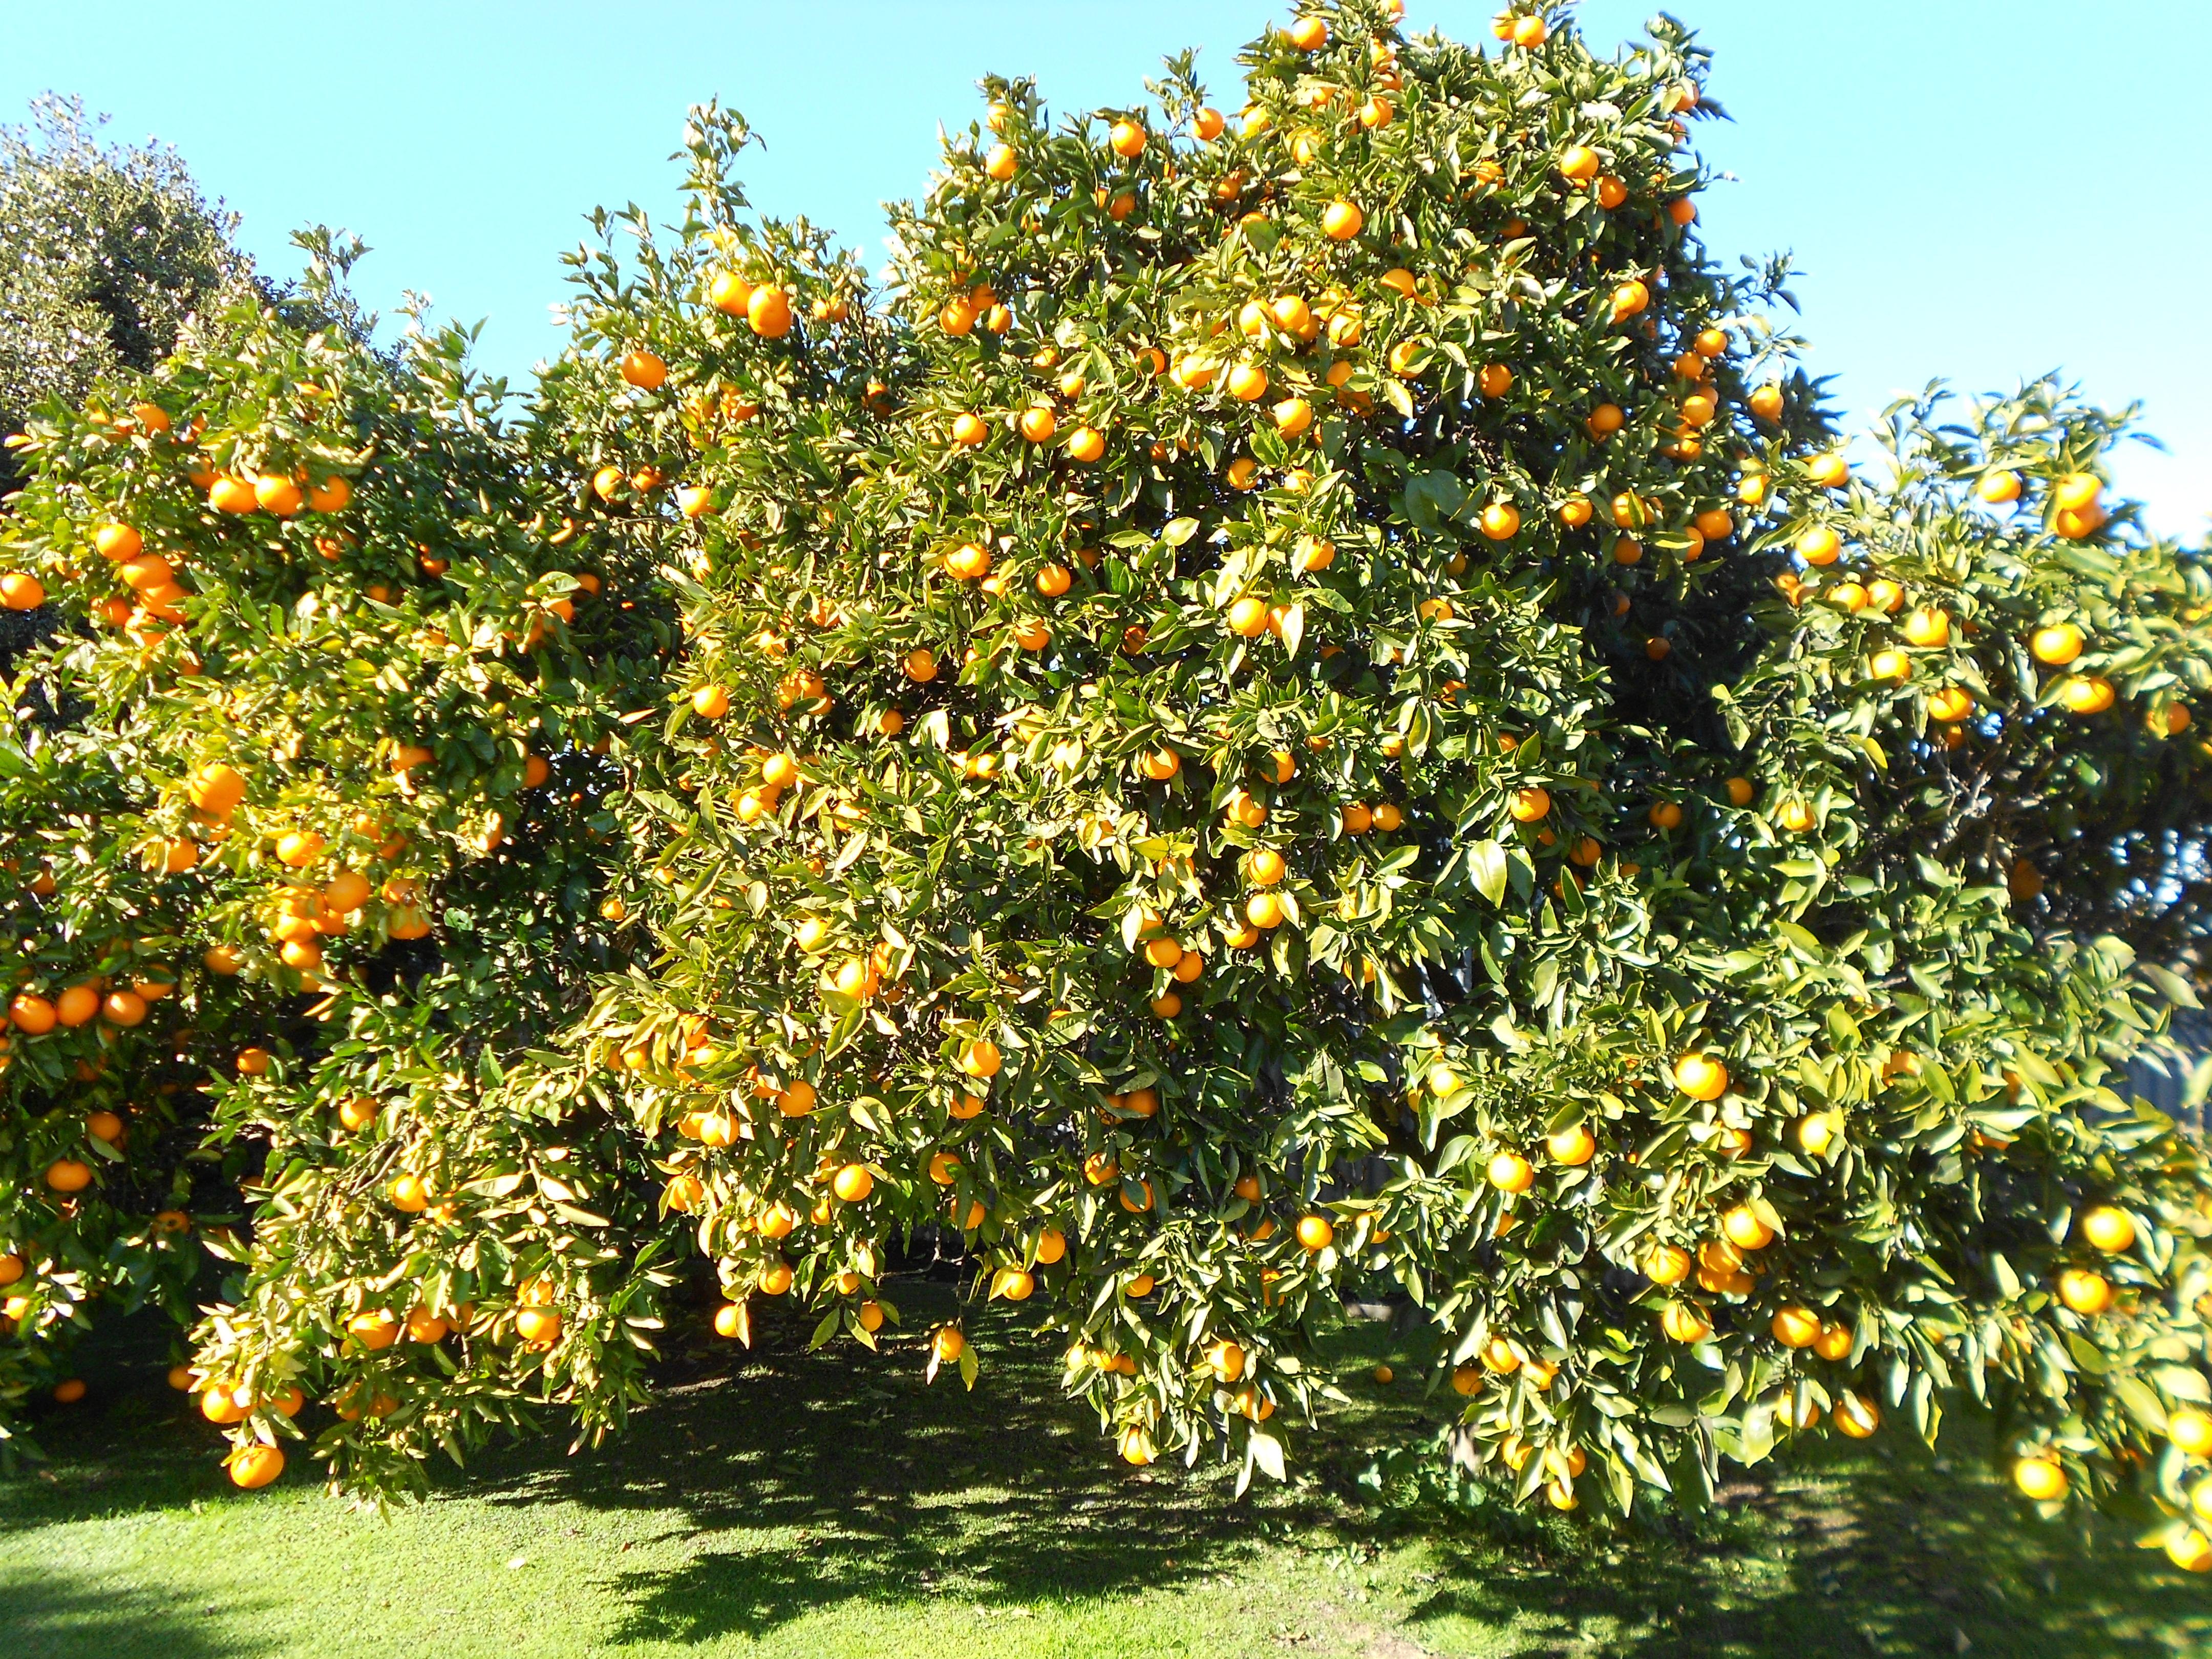 Garden journal july kristah price for Lemon plant images